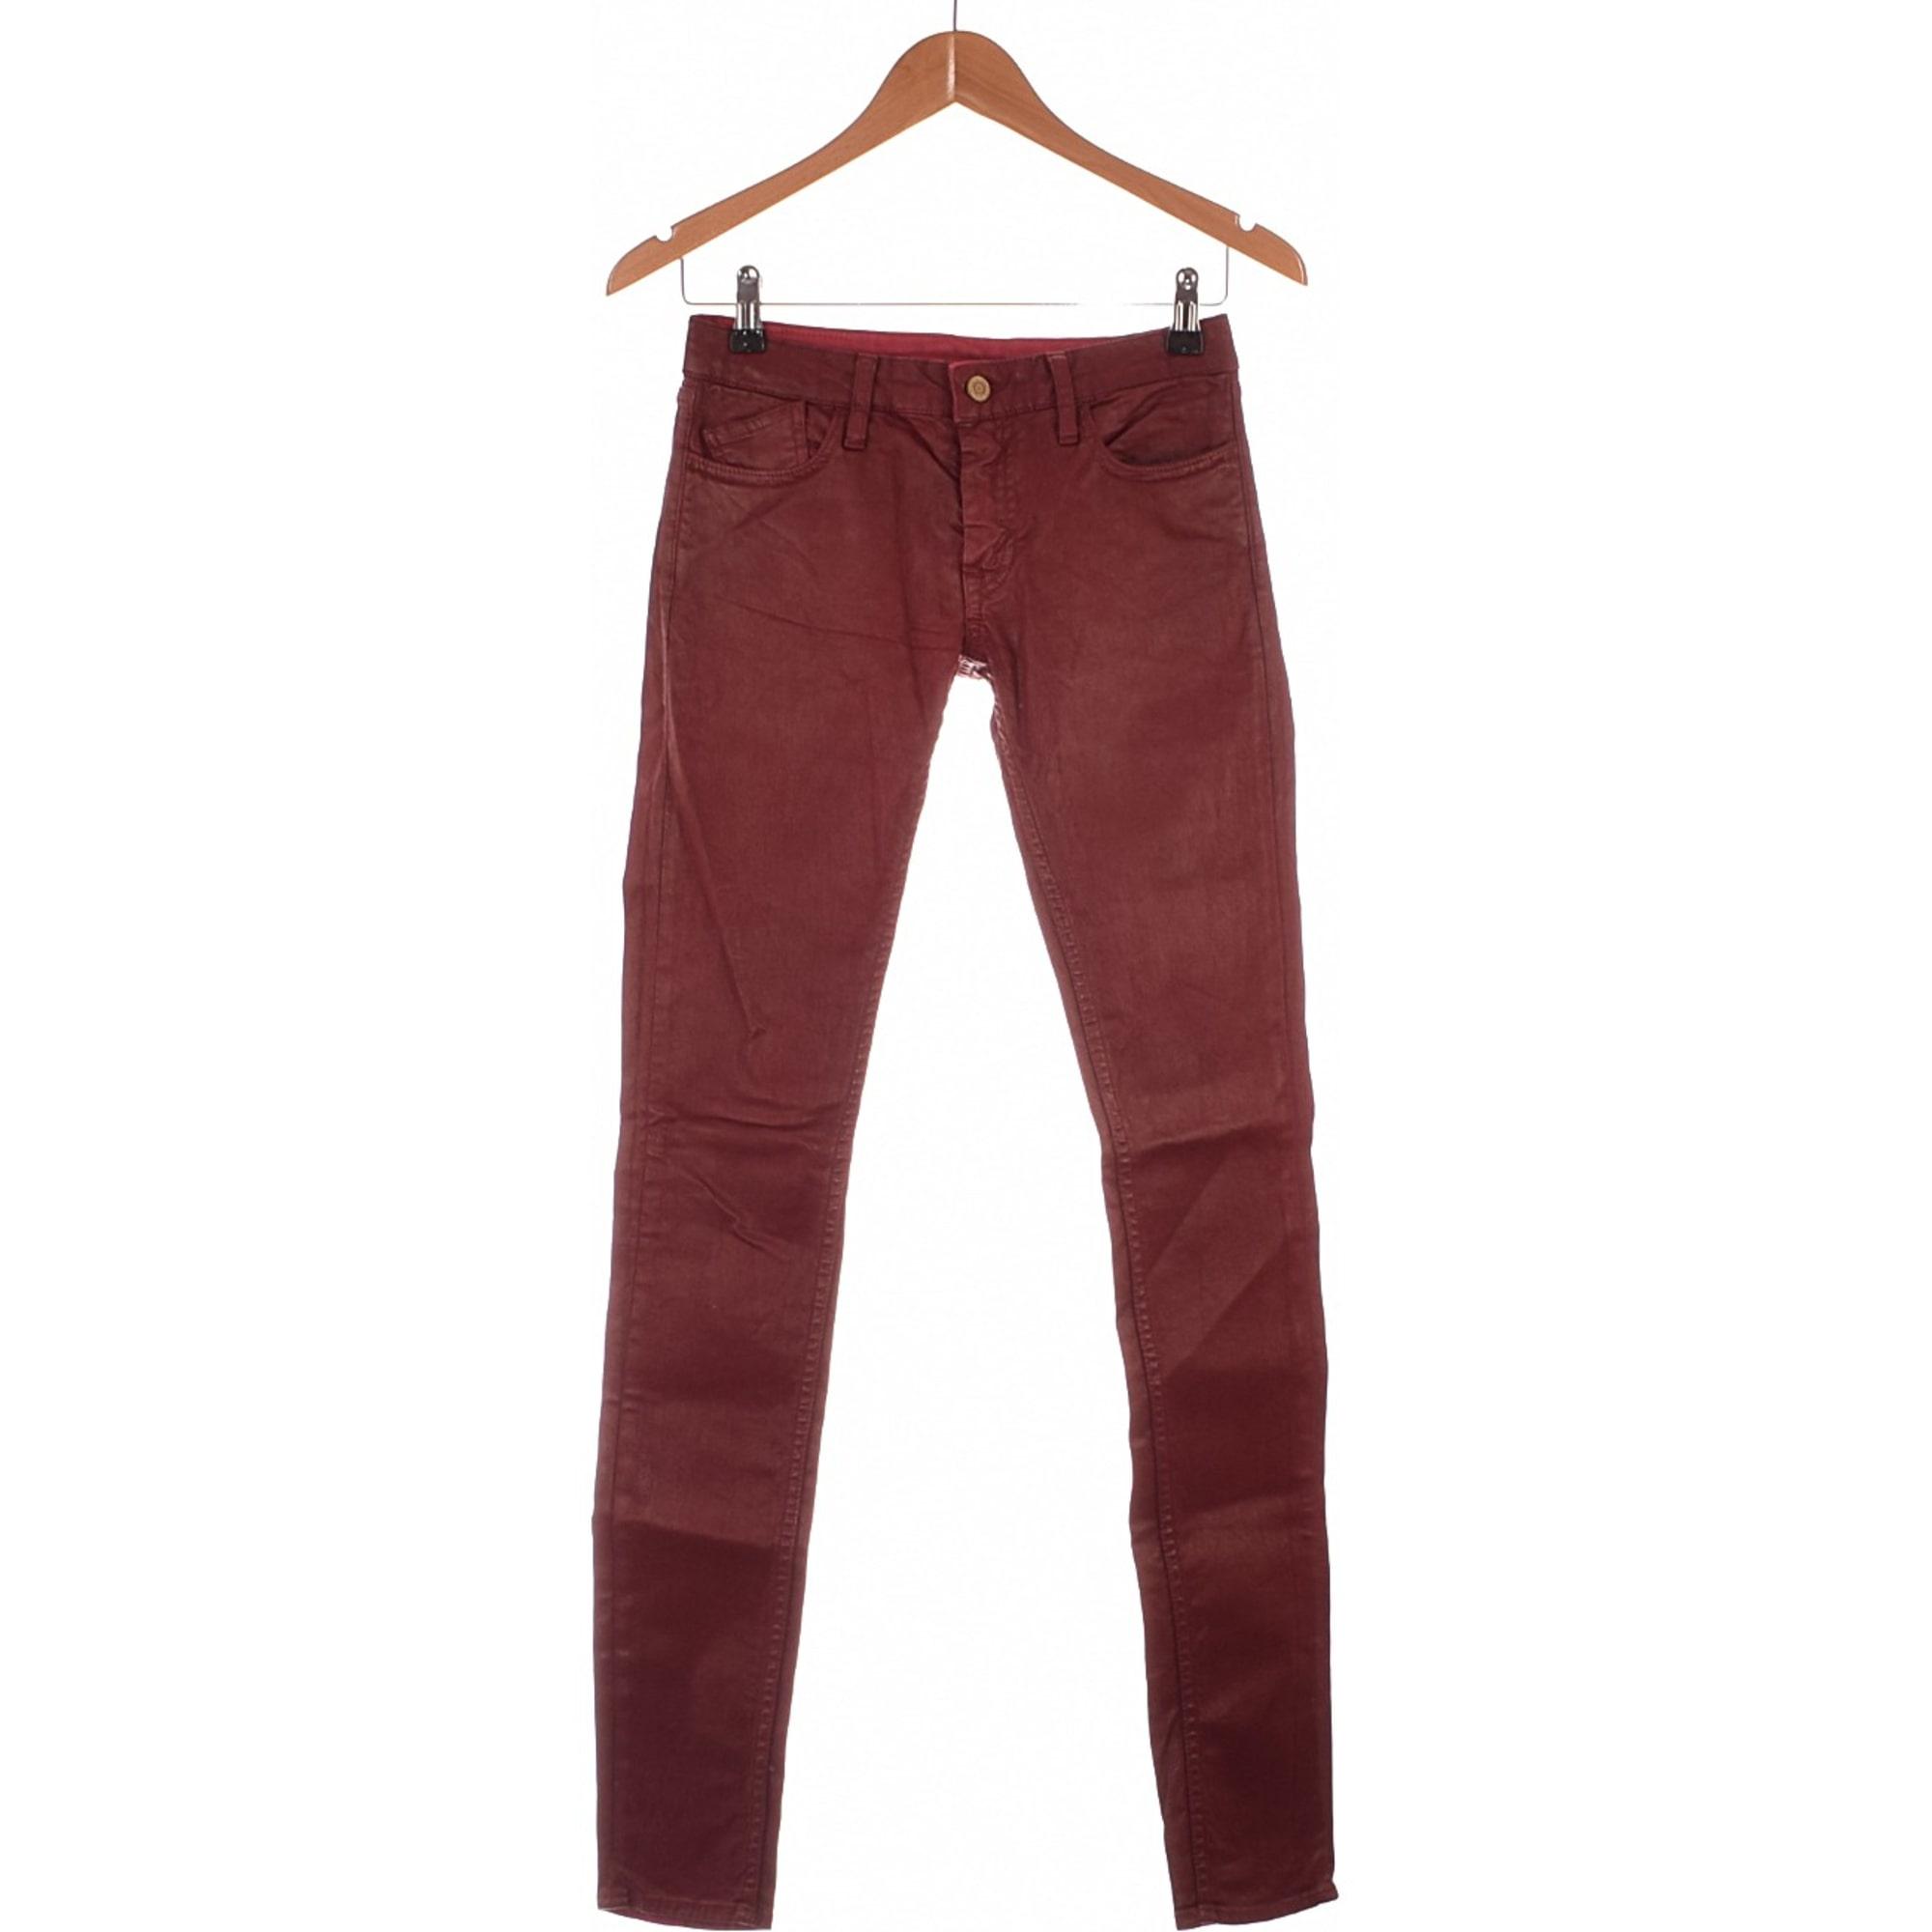 f1b2a5669f Pantalon slim, cigarette LE TEMPS DES CERISES 34 (XS, T0) rouge ...